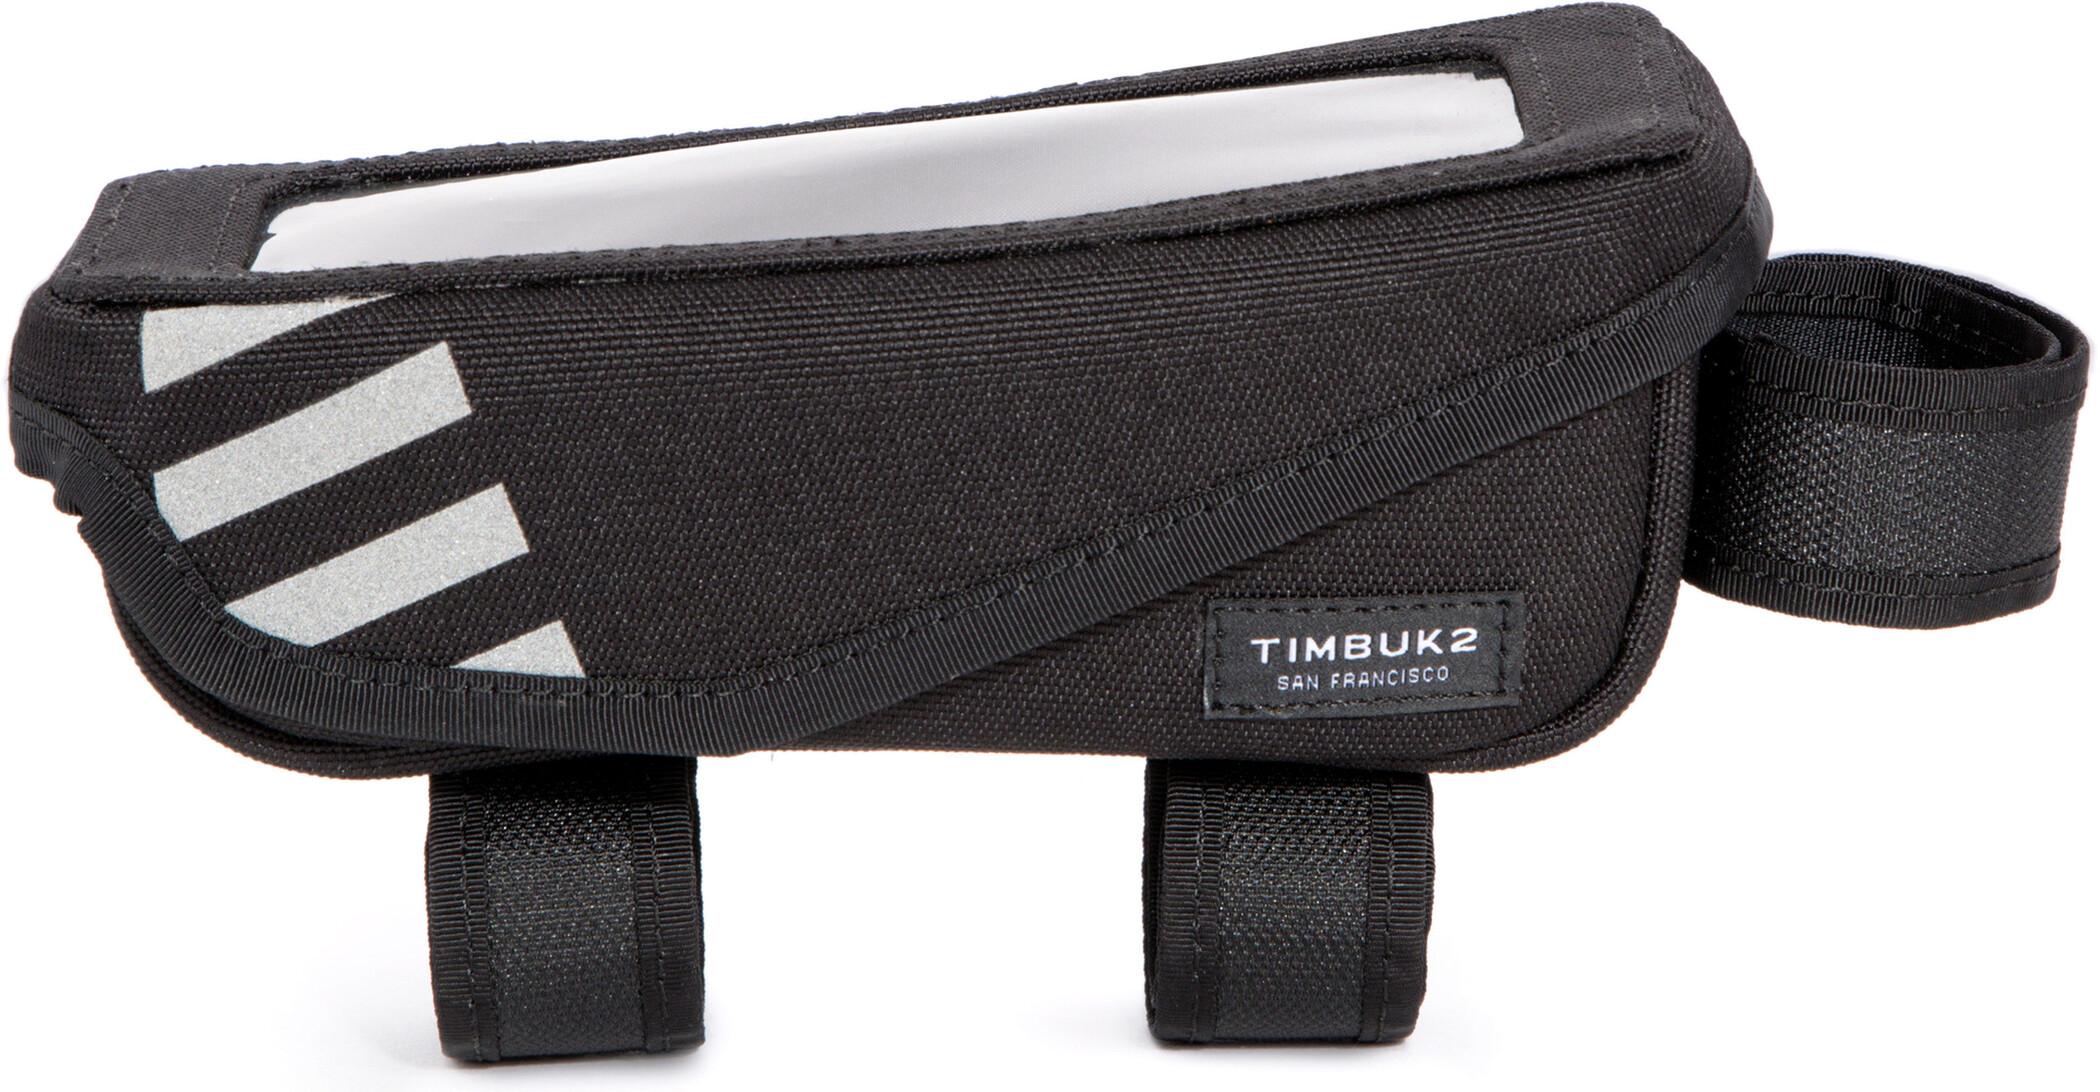 Timbuk2 Goody Cykeltaske S, jet black (2019) | Frame bags